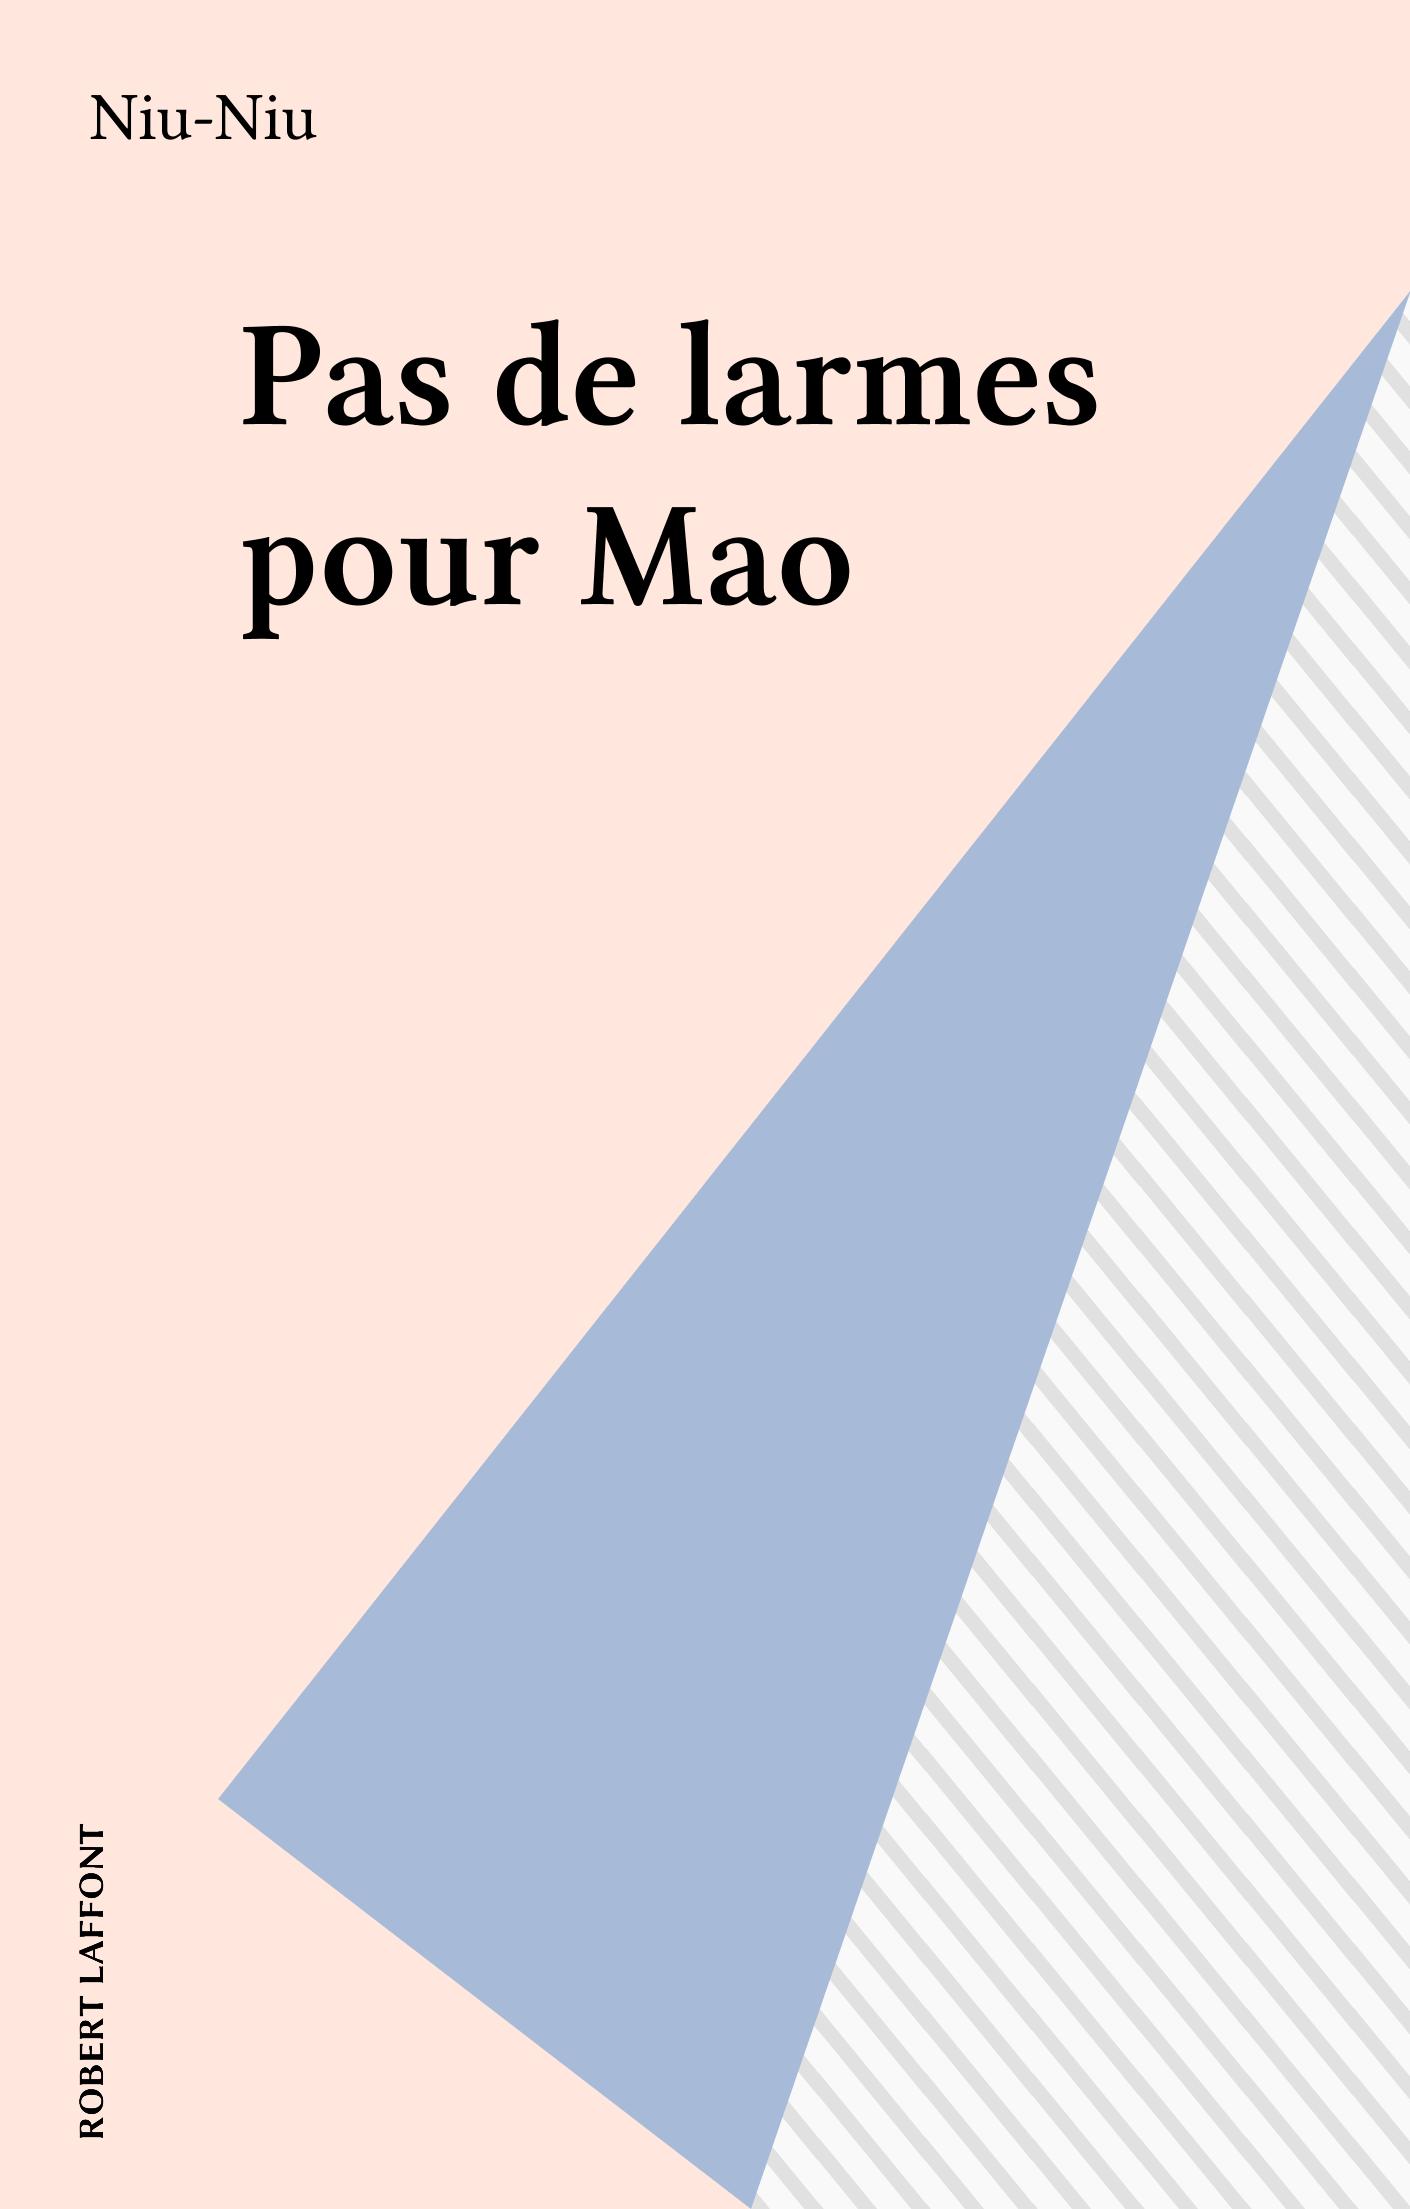 Pas de larmes pour Mao